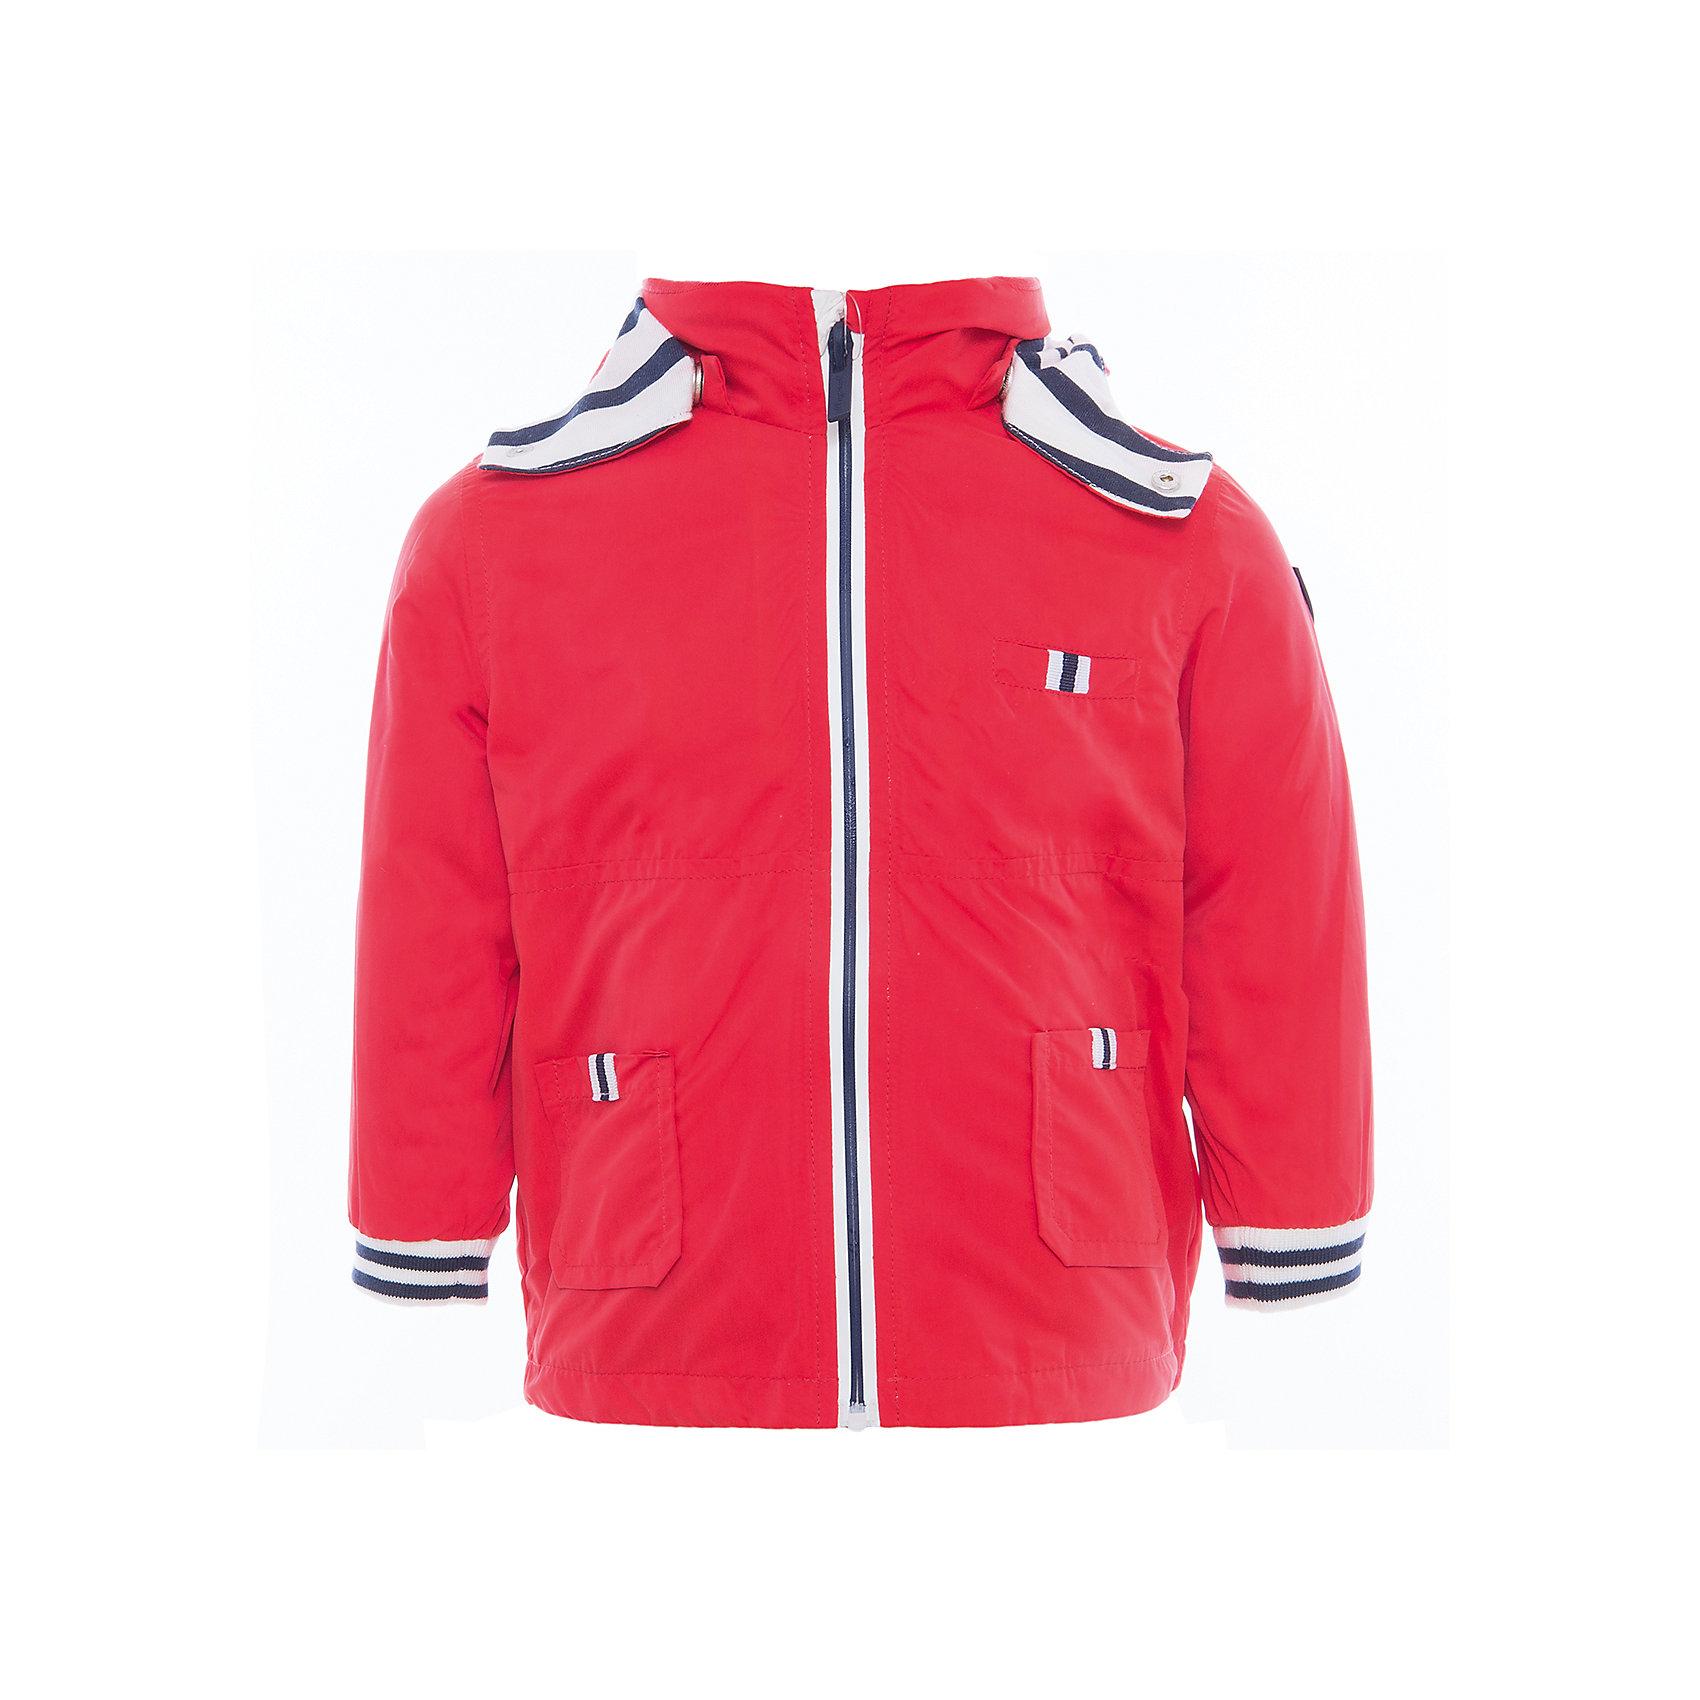 Ветровка для мальчика MayoralВерхняя одежда<br>Характеристики товара:<br><br>• цвет: красный<br>• состав: 100% полиэстер, подкладка - 65% полиэстер, 35% хлопок<br>• температурный режим: от +10°до +20°С<br>• манжеты <br>• карманы<br>• молния<br>• капюшон<br>• страна бренда: Испания<br><br>Легкая ветровка для мальчика поможет разнообразить гардероб ребенка и обеспечить тепло в прохладную погоду. Она отлично сочетается и с джинсами, и с брюками. Универсальный цвет позволяет подобрать к вещи низ различных расцветок. Интересная отделка модели делает её нарядной и оригинальной. В составе материала подкладки - натуральный хлопок, гипоаллергенный, приятный на ощупь, дышащий.<br><br>Одежда, обувь и аксессуары от испанского бренда Mayoral полюбились детям и взрослым по всему миру. Модели этой марки - стильные и удобные. Для их производства используются только безопасные, качественные материалы и фурнитура. Порадуйте ребенка модными и красивыми вещами от Mayoral! <br><br>Ветровку для мальчика от испанского бренда Mayoral (Майорал) можно купить в нашем интернет-магазине.<br><br>Ширина мм: 356<br>Глубина мм: 10<br>Высота мм: 245<br>Вес г: 519<br>Цвет: розовый<br>Возраст от месяцев: 12<br>Возраст до месяцев: 18<br>Пол: Мужской<br>Возраст: Детский<br>Размер: 86,92,80<br>SKU: 5279612